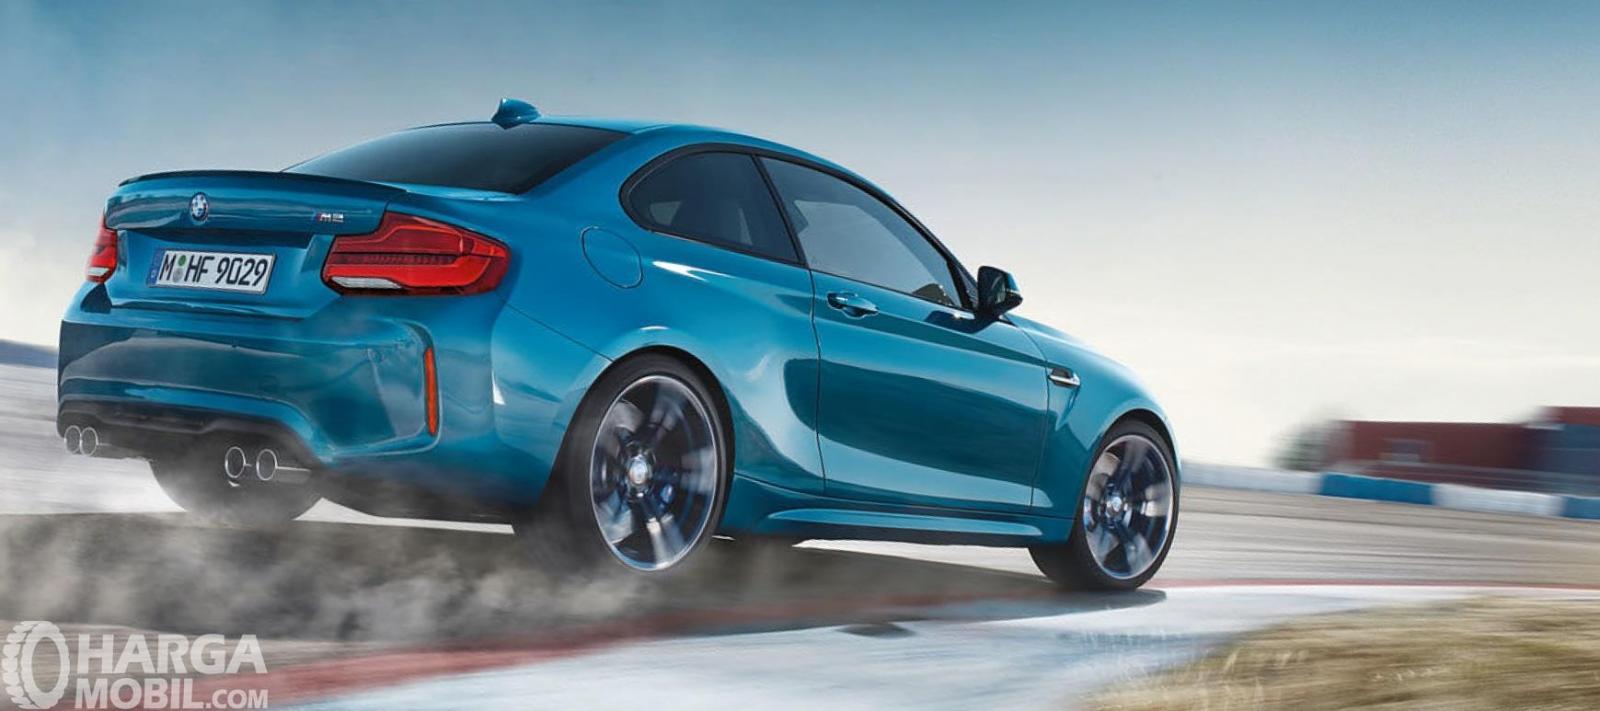 Eksterior belakang BMW M2 Coupe 2018 terlihat cukup mengesankan dengan dua Dual Exhaust